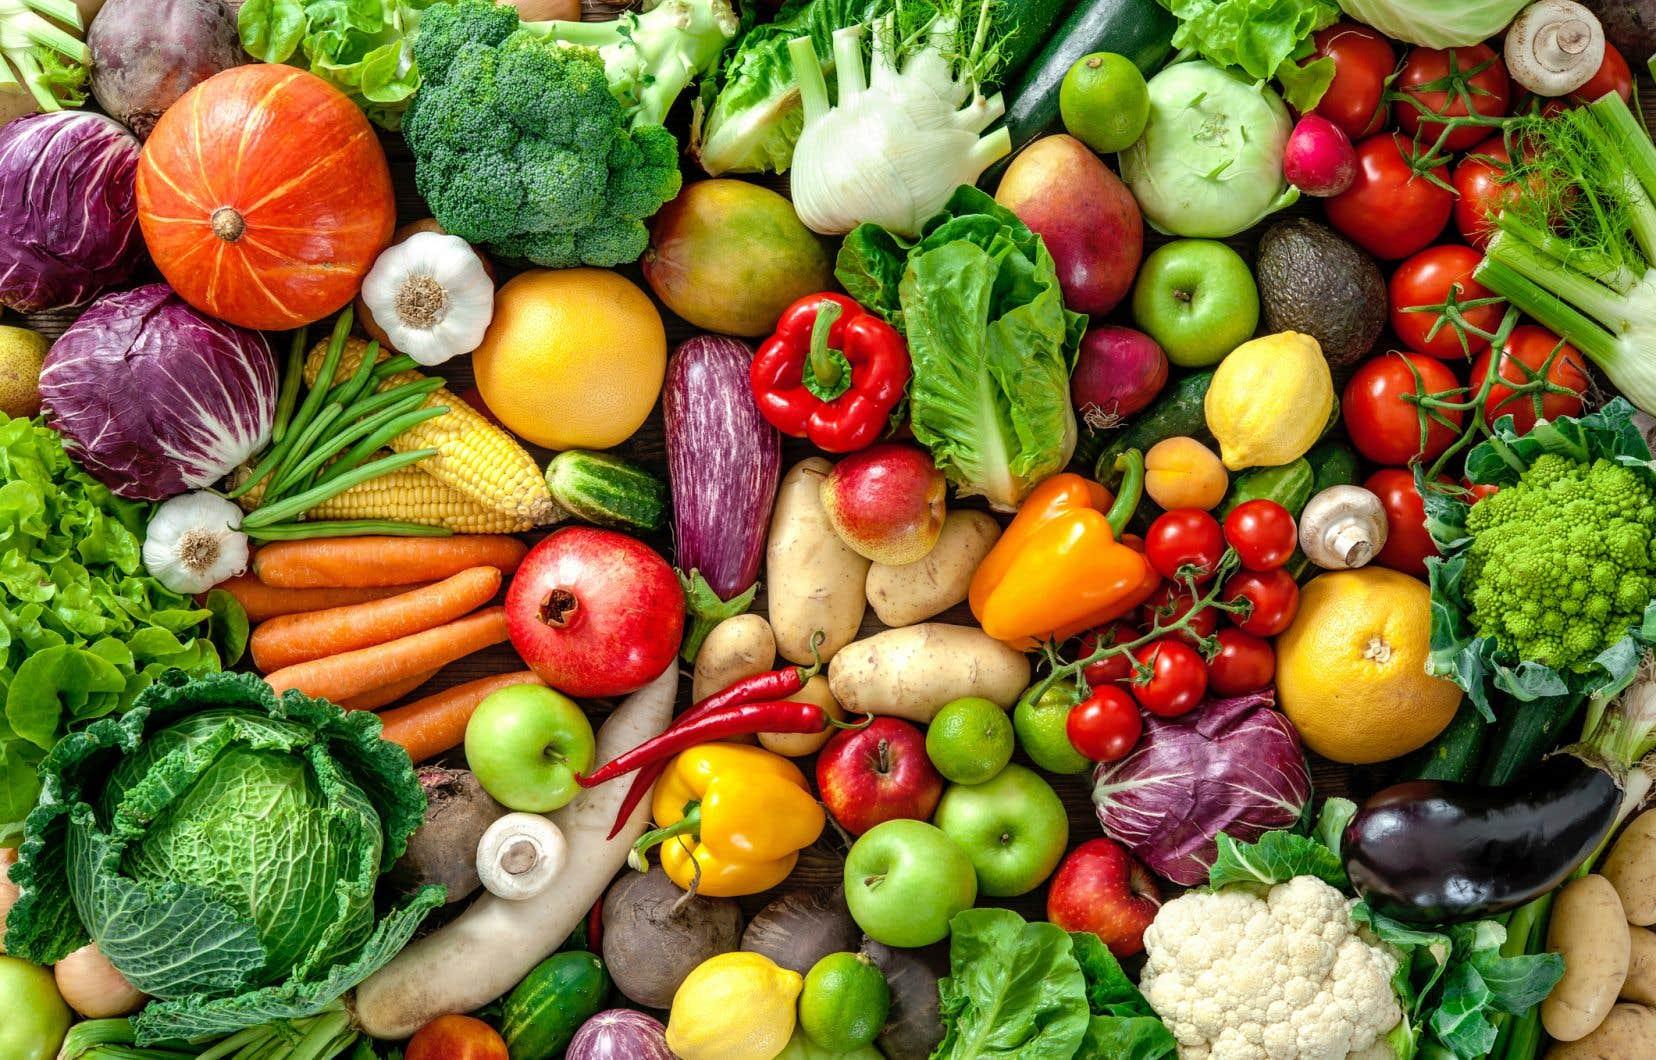 Selon les estimations, plus de 50% de notre gaspillage alimentaire est dû à une mauvaise conservation des aliments.